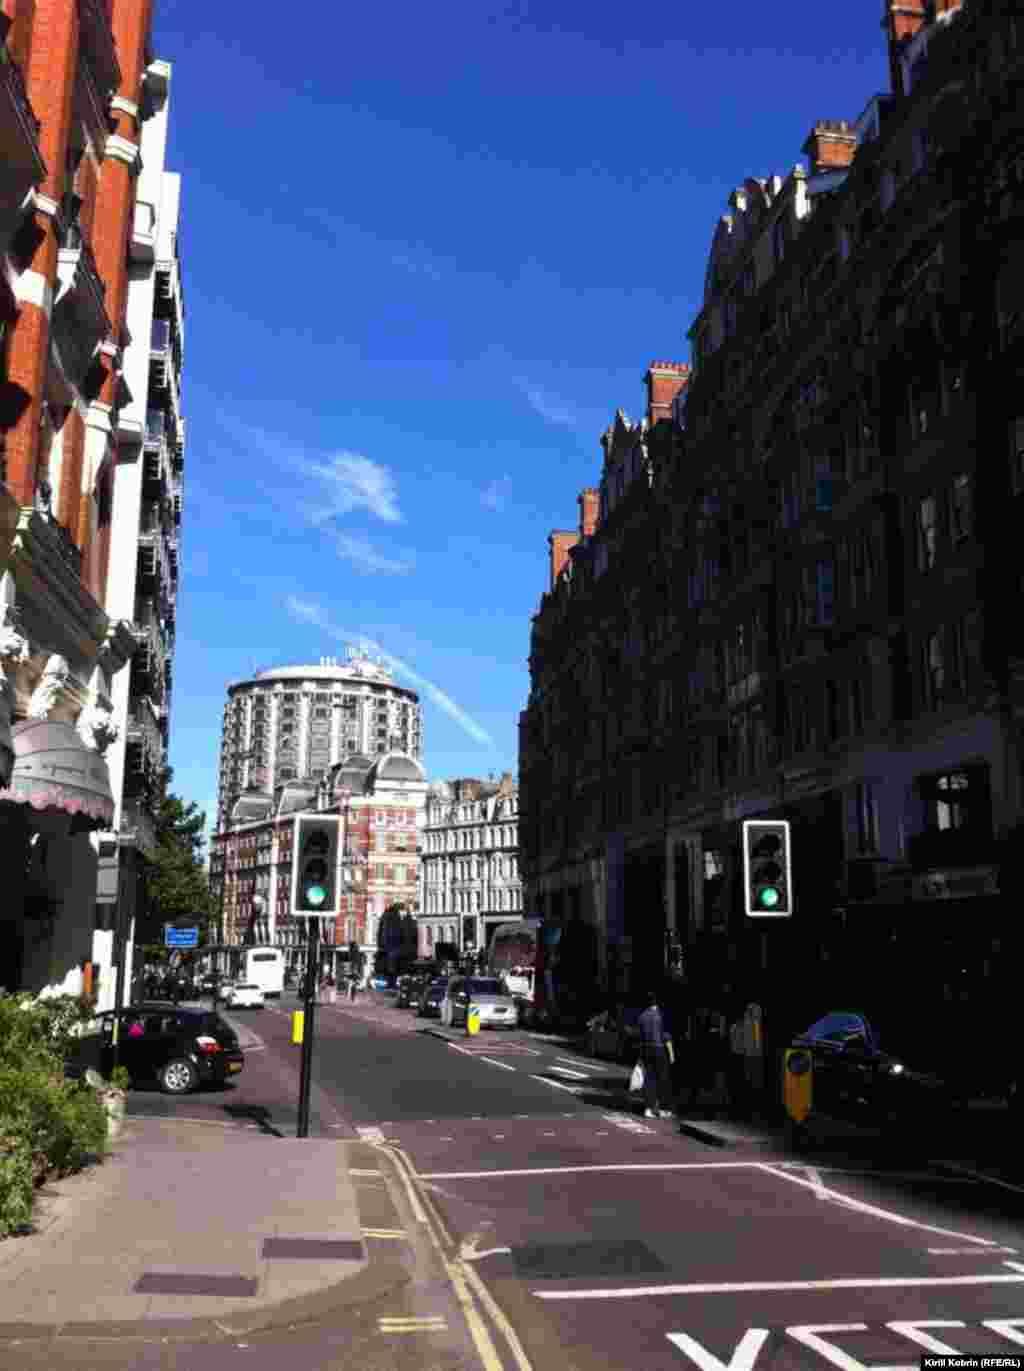 Сама улица Найтсбридж устроена так, чтобы удовлетворять запросы людей со вкусом – тут бутики, рестораны...